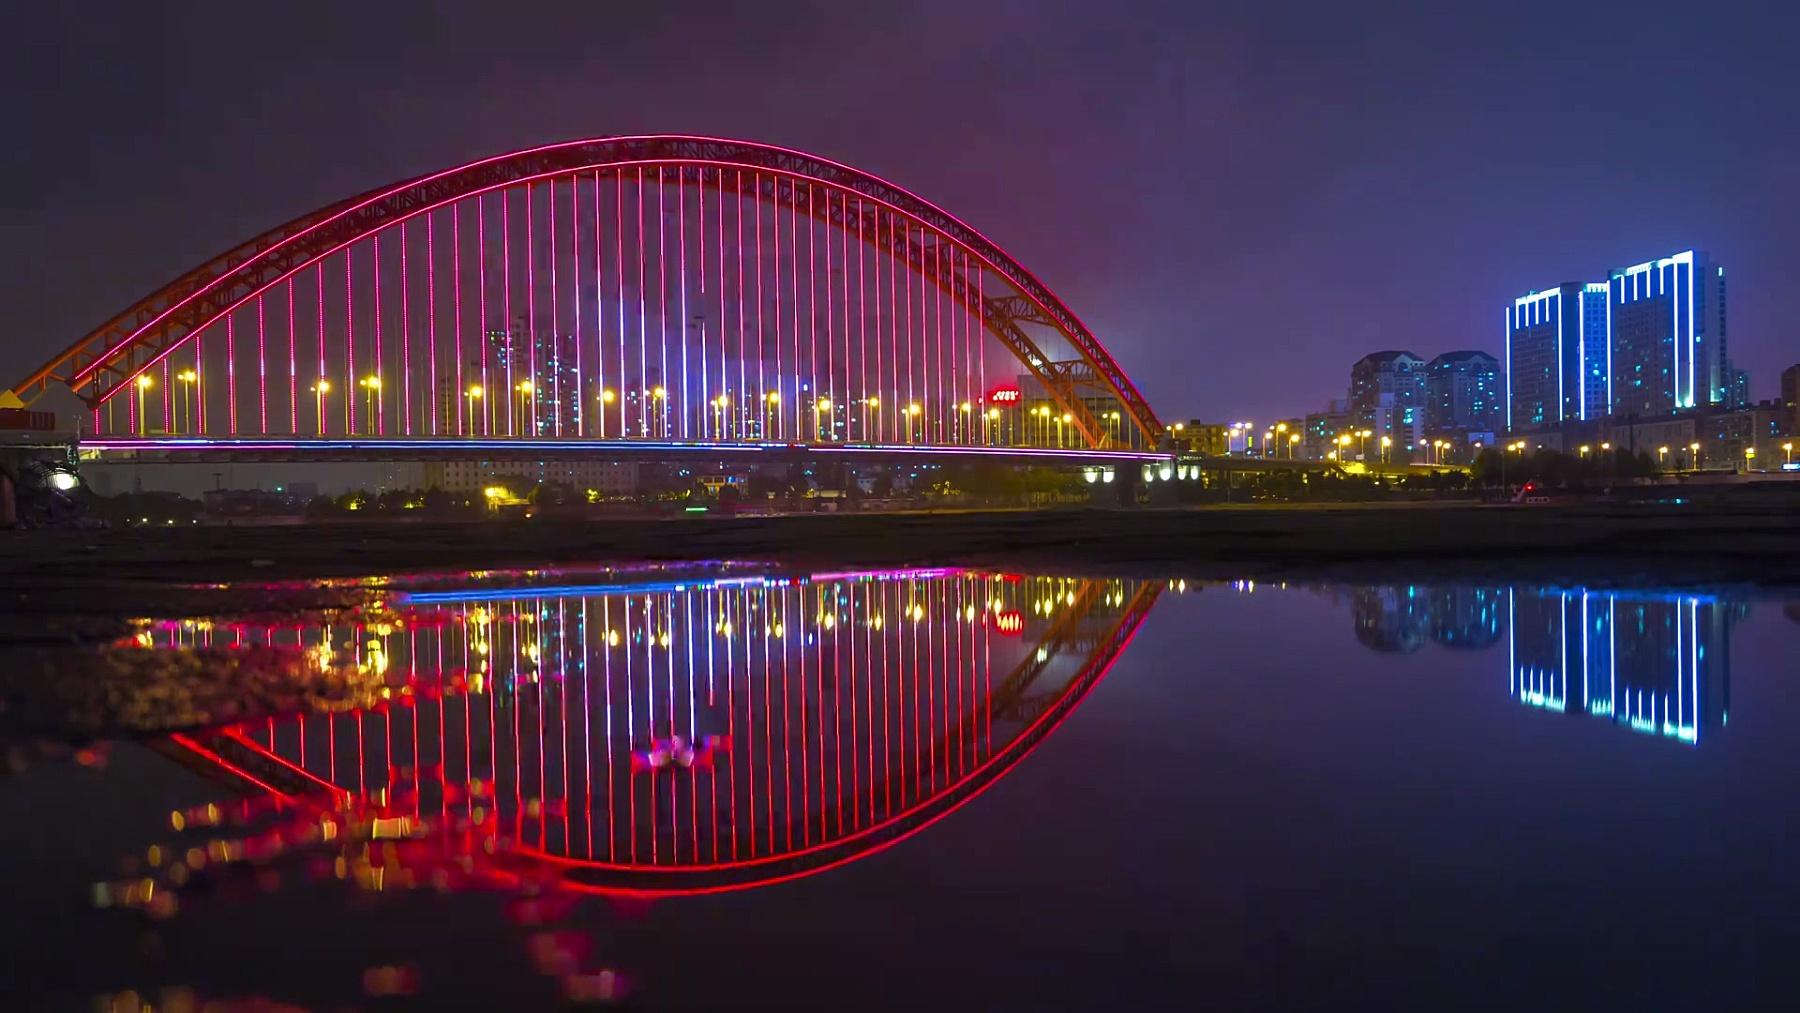 夜晚照亮武汉市著名的青川大桥滨江海湾全景 时光流逝中国